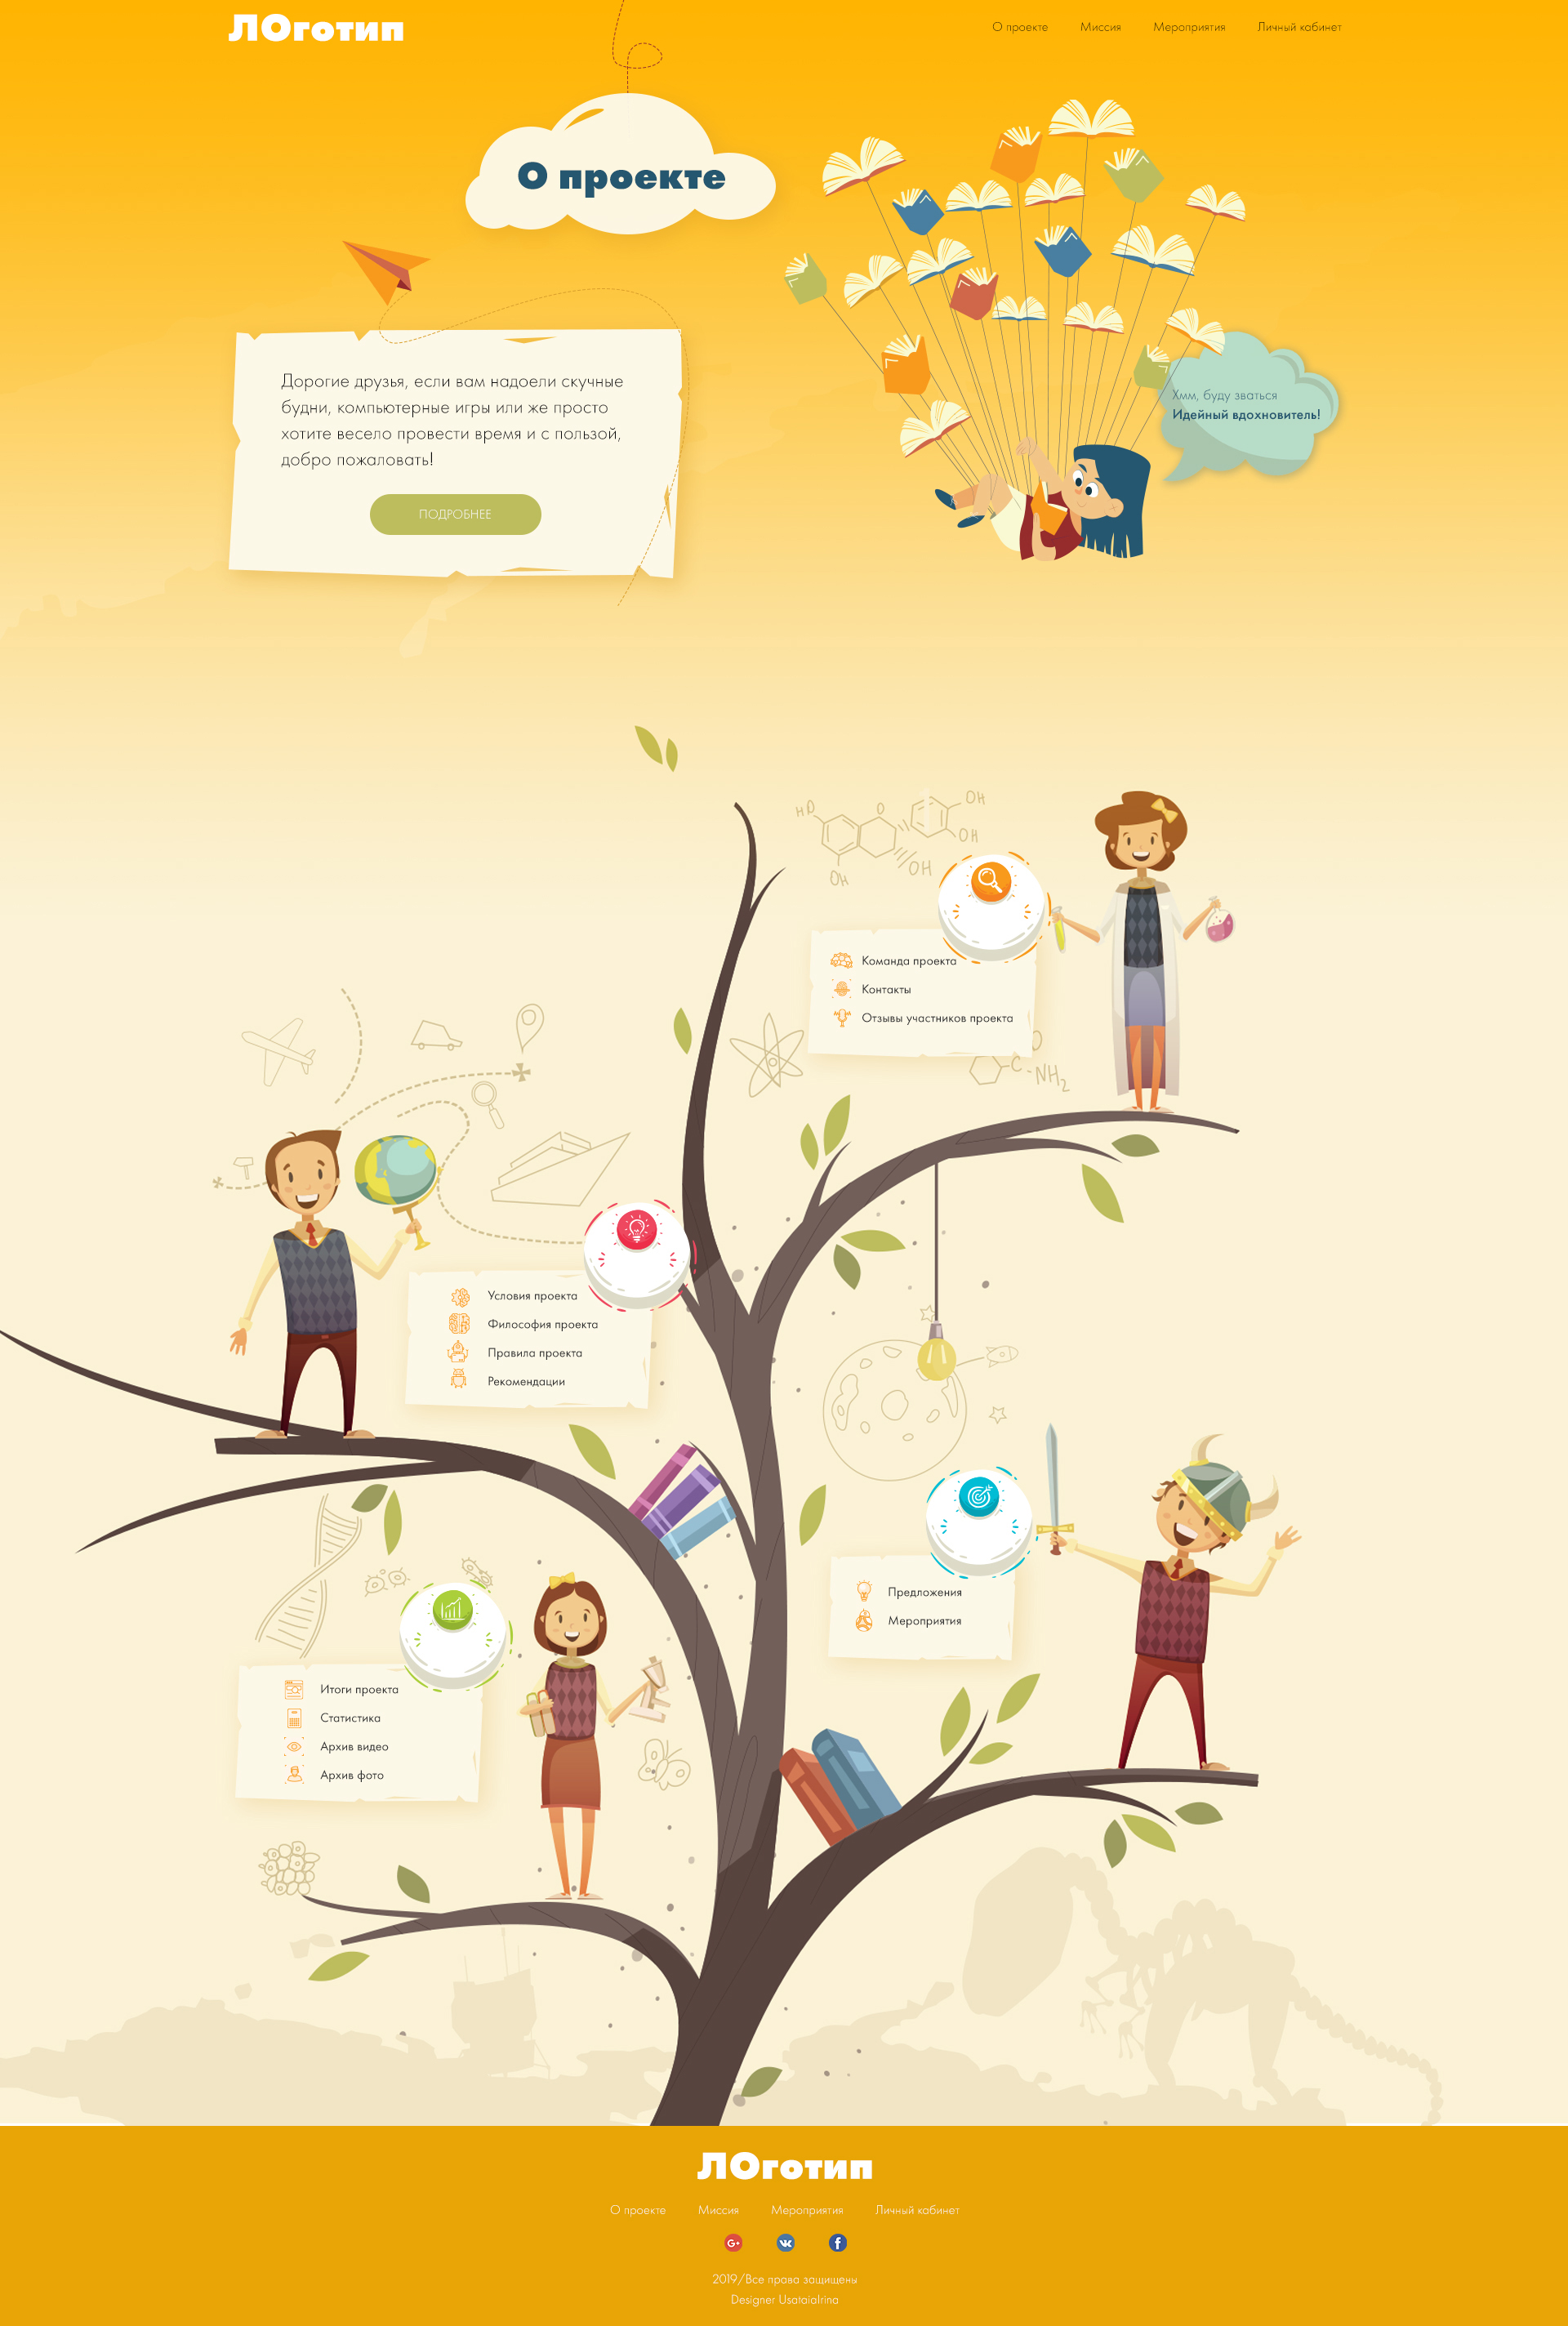 Креативный дизайн внутренней страницы портала для детей фото f_7485cfd8ba9a5981.jpg